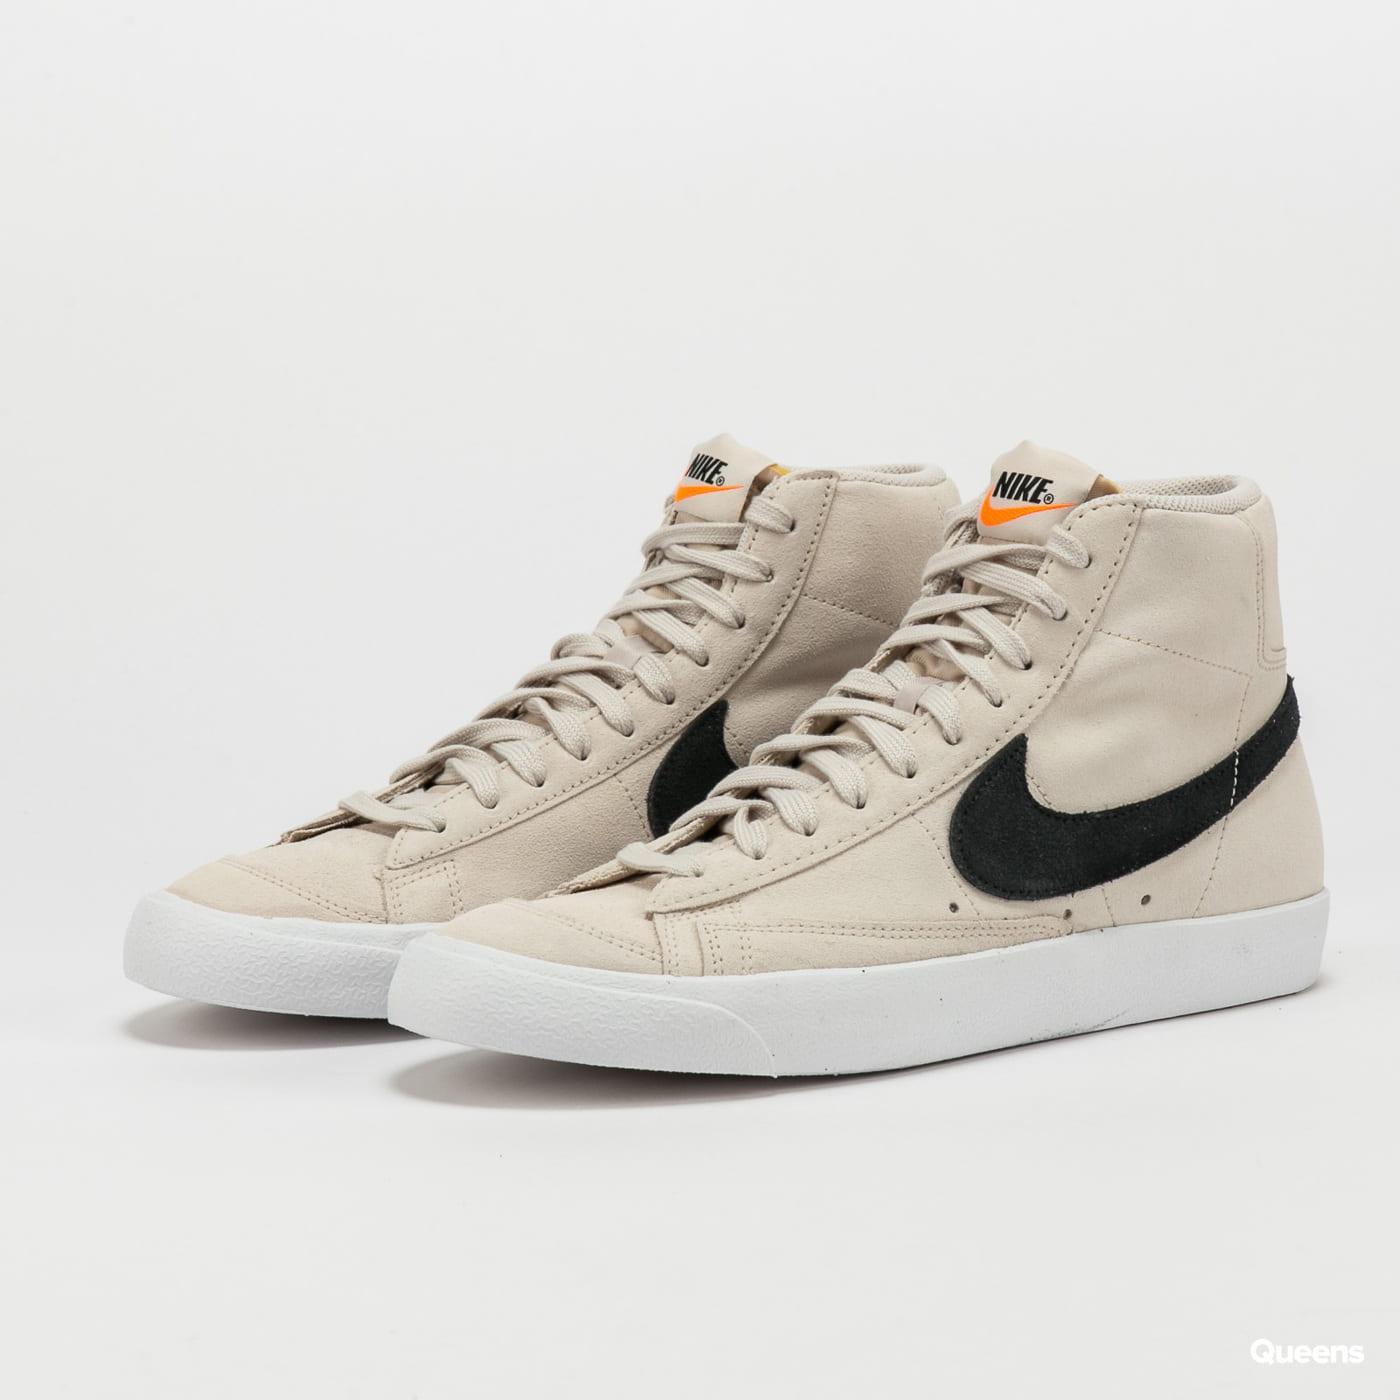 Sneakers Nike Blazer Mid '77 Suede lt orewood brn / black - white ...